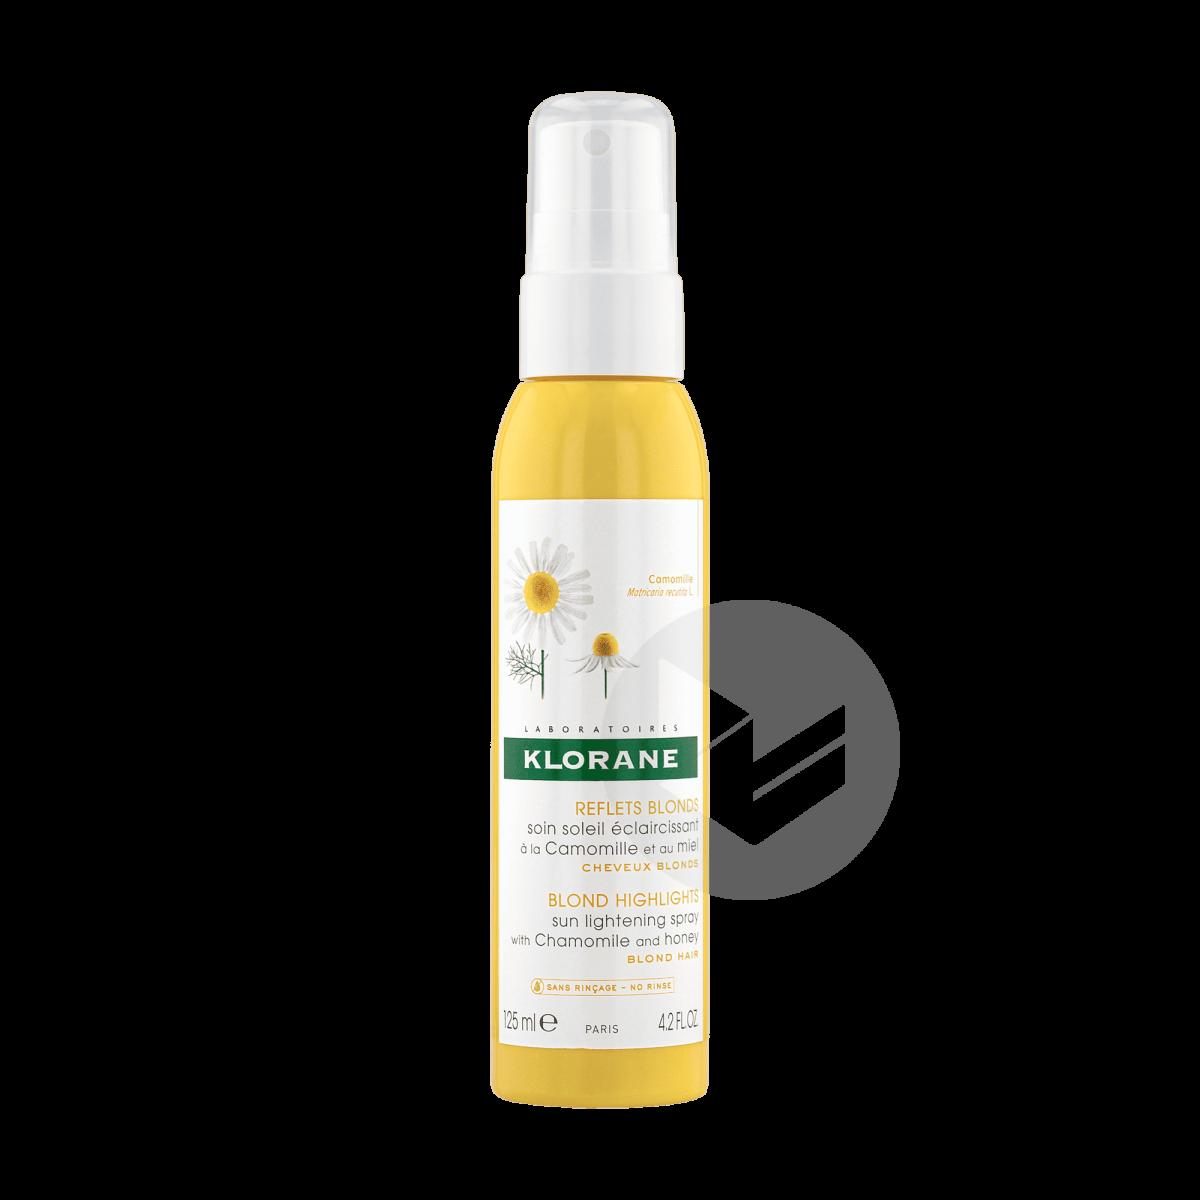 Soin Soleil Spray Éclaircissant Reflets Blonds à la Camomille 125ml